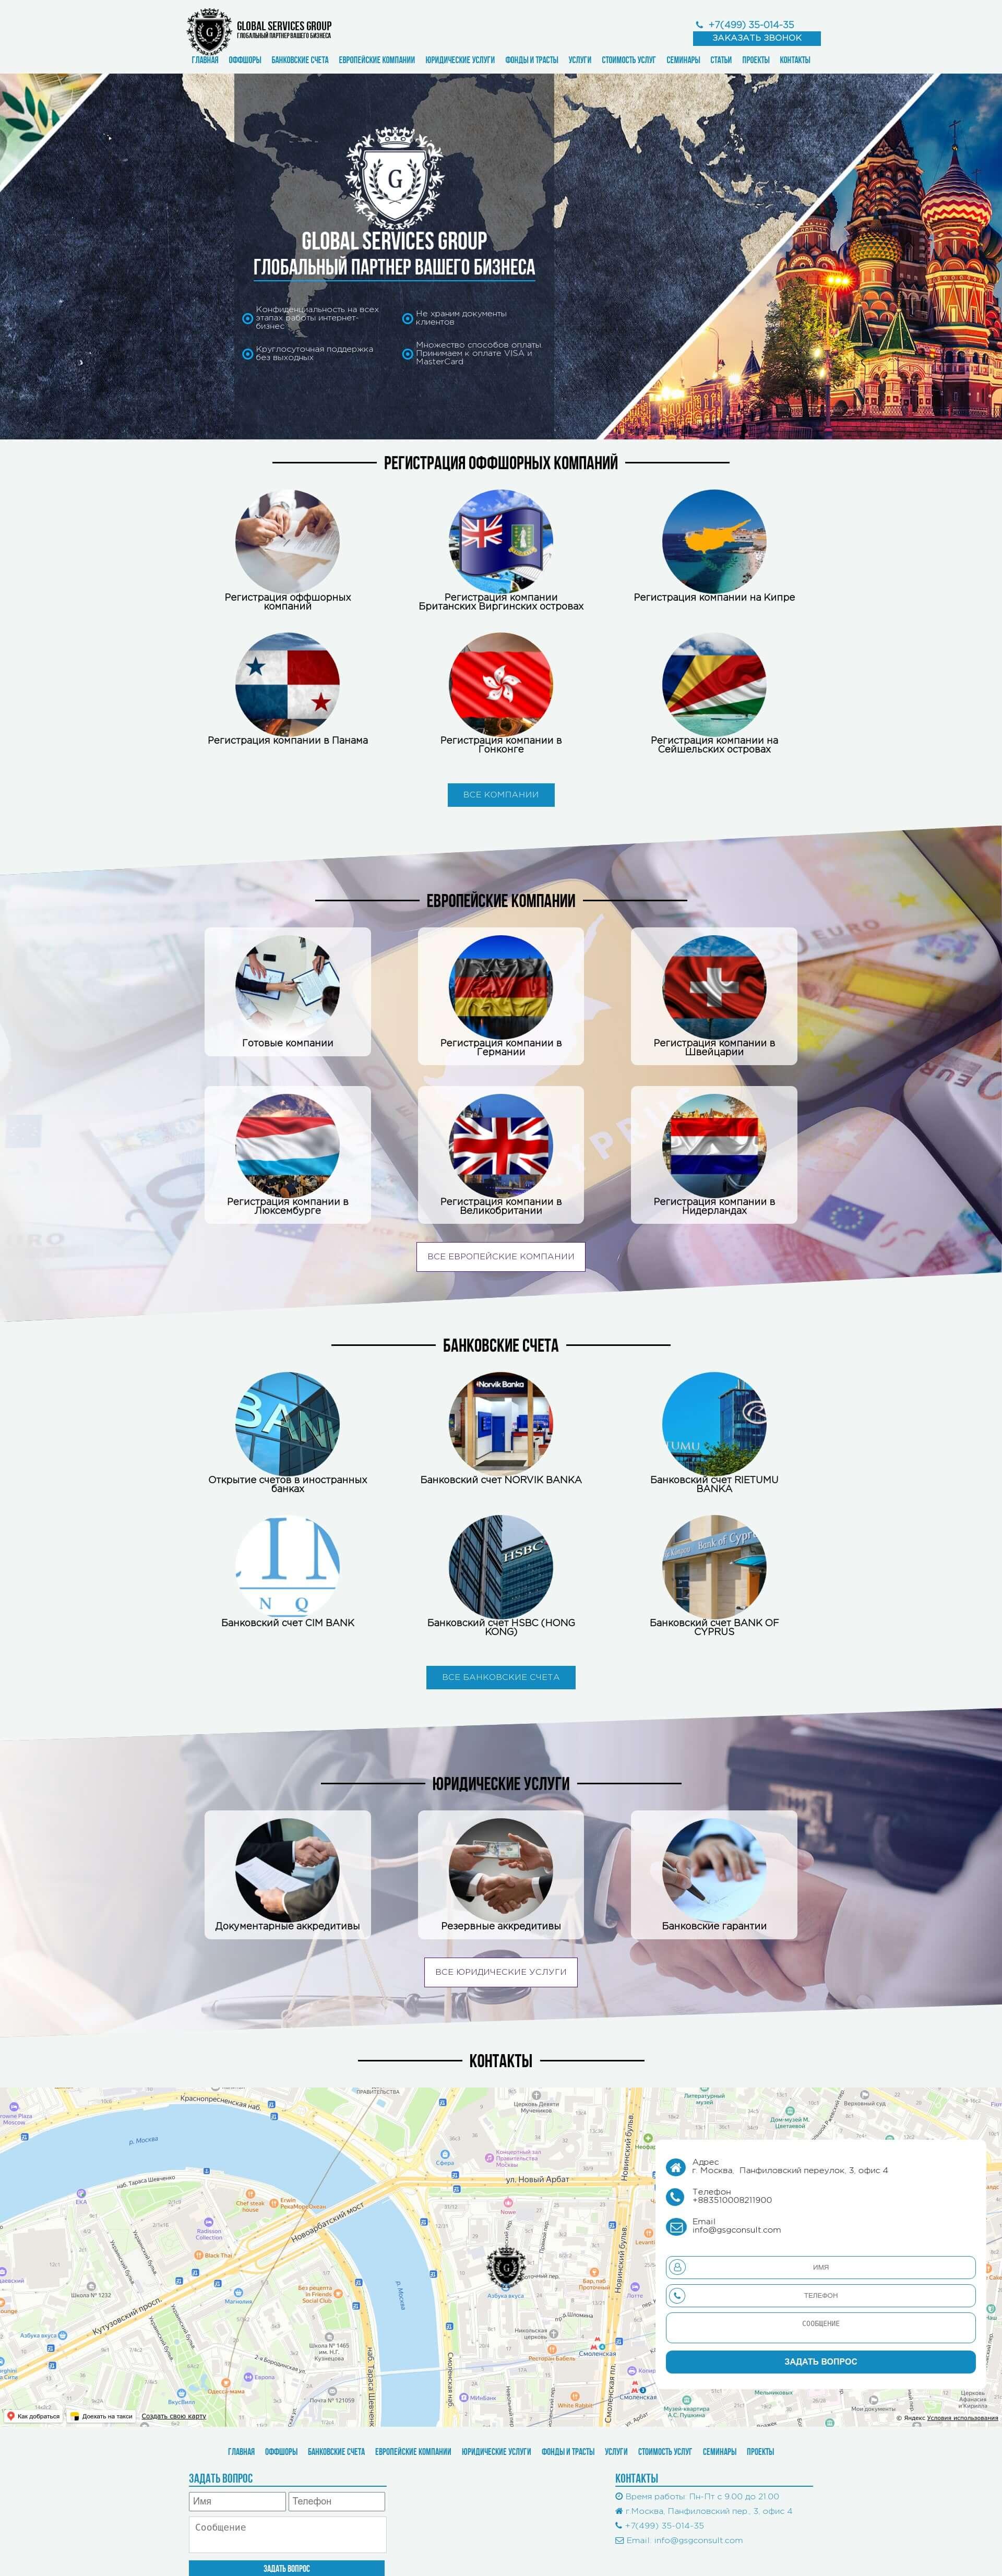 Скриншот №1 страницы сайта во весь экран. Сайт для регистрации оффшорных компаний